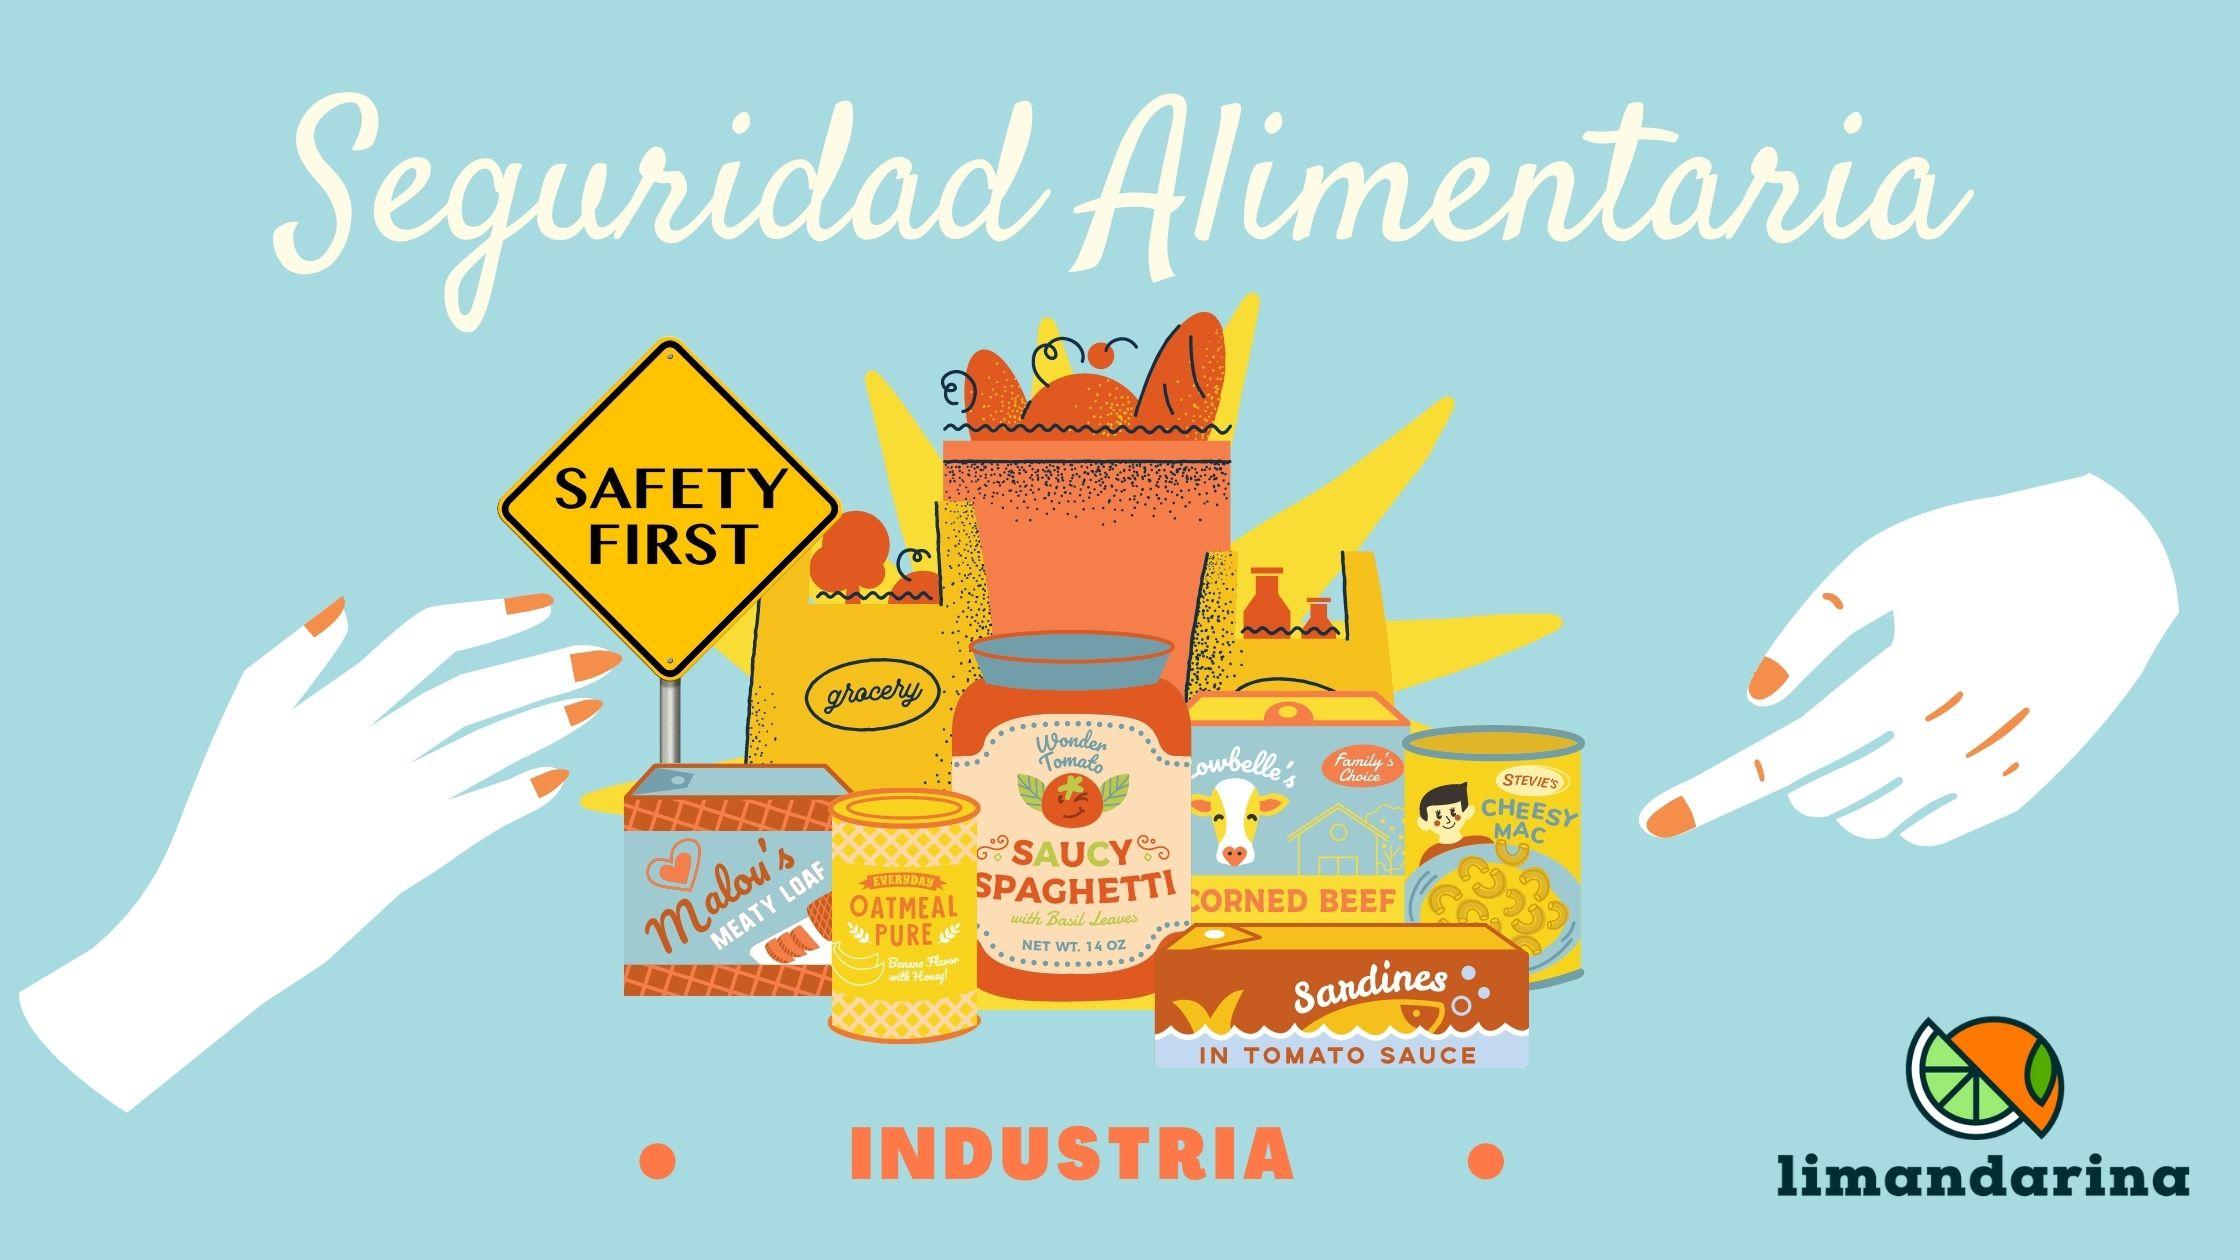 Cultura de la Seguridad Alimentaria en la industria